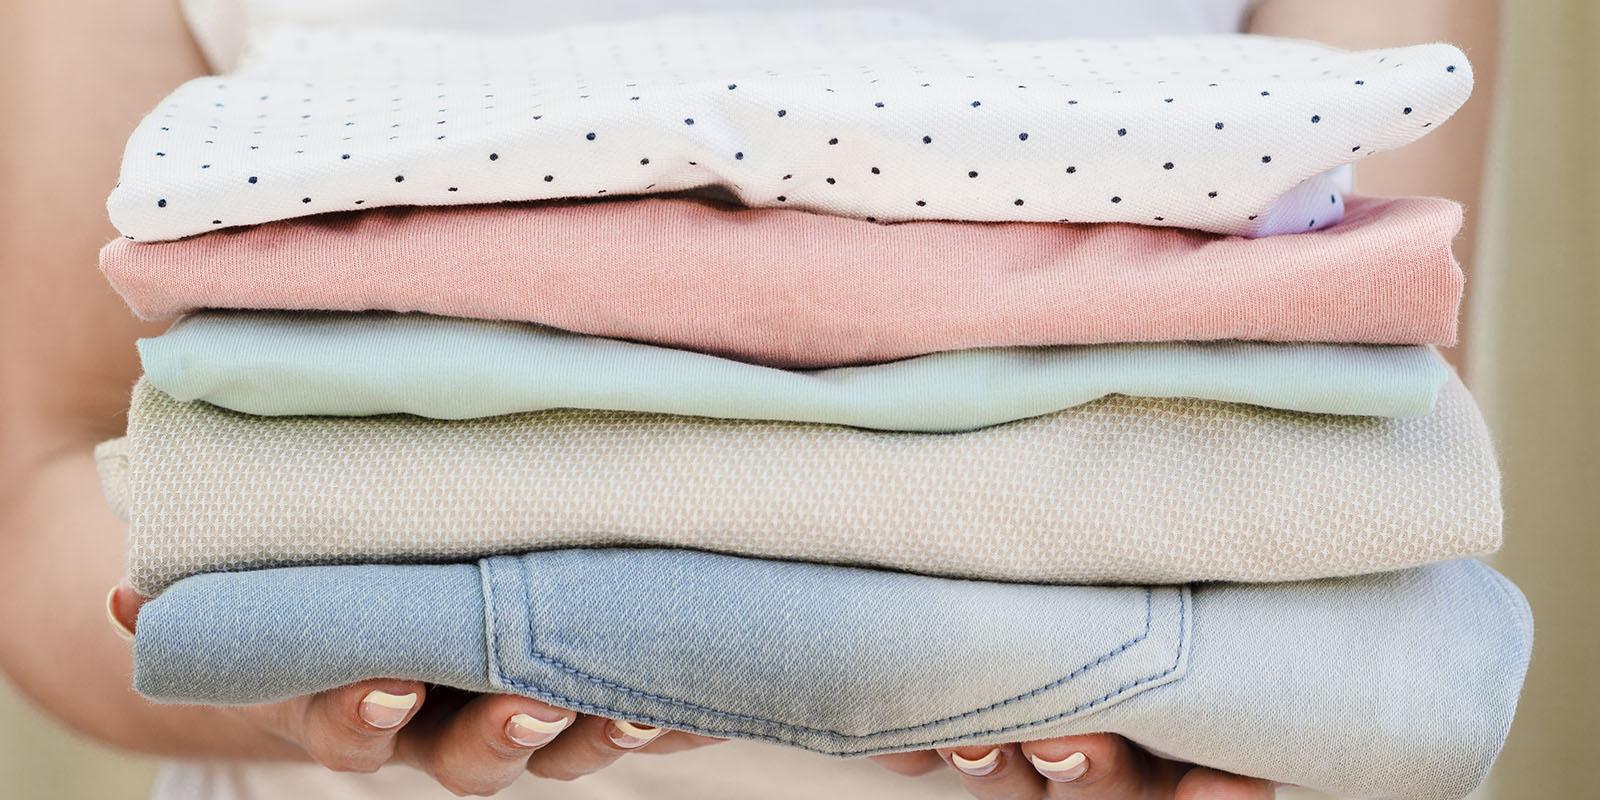 Tips que debes tener en cuenta para lavar bien tu ropa